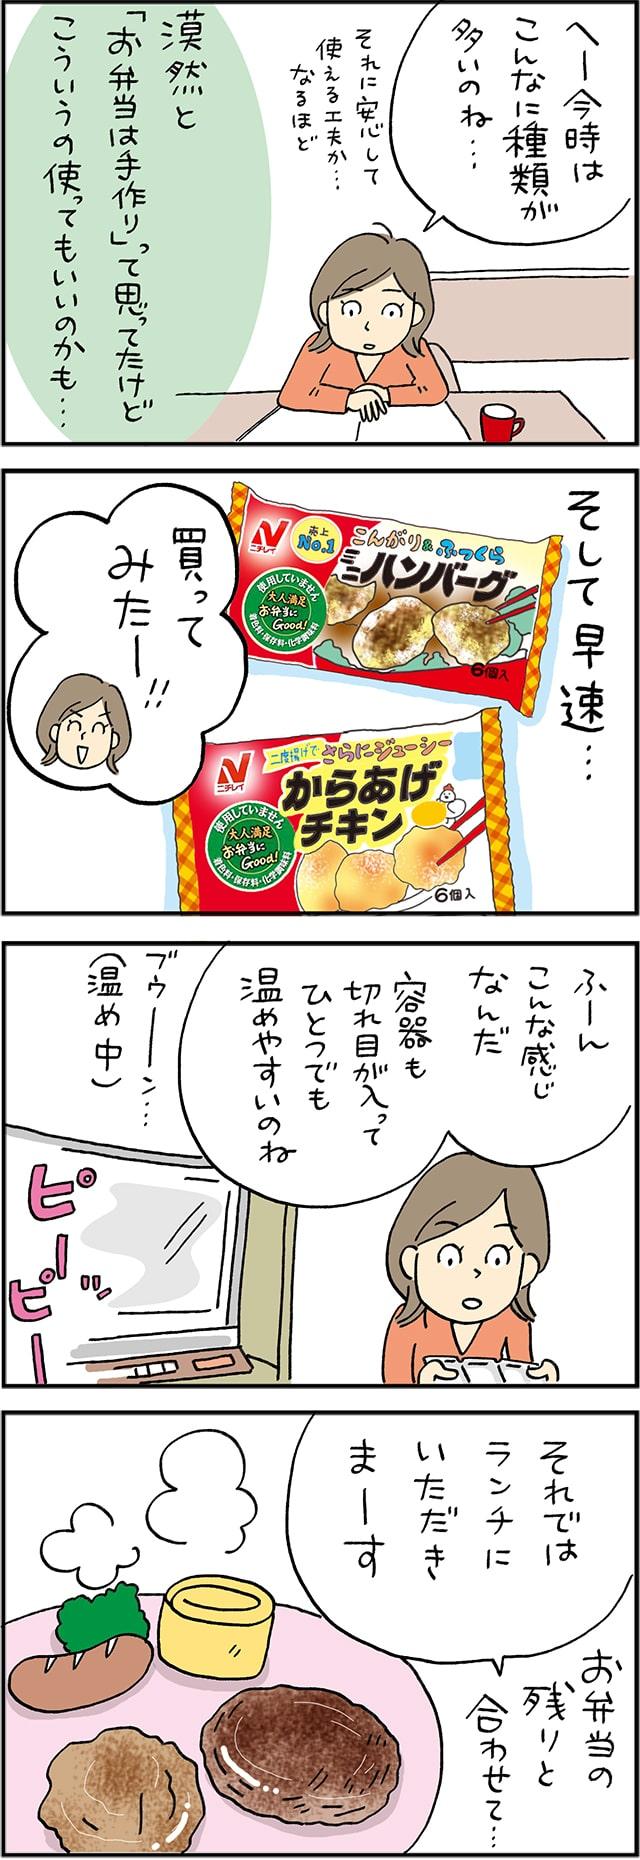 第1話「お弁当は兄弟喧嘩のもと?」3